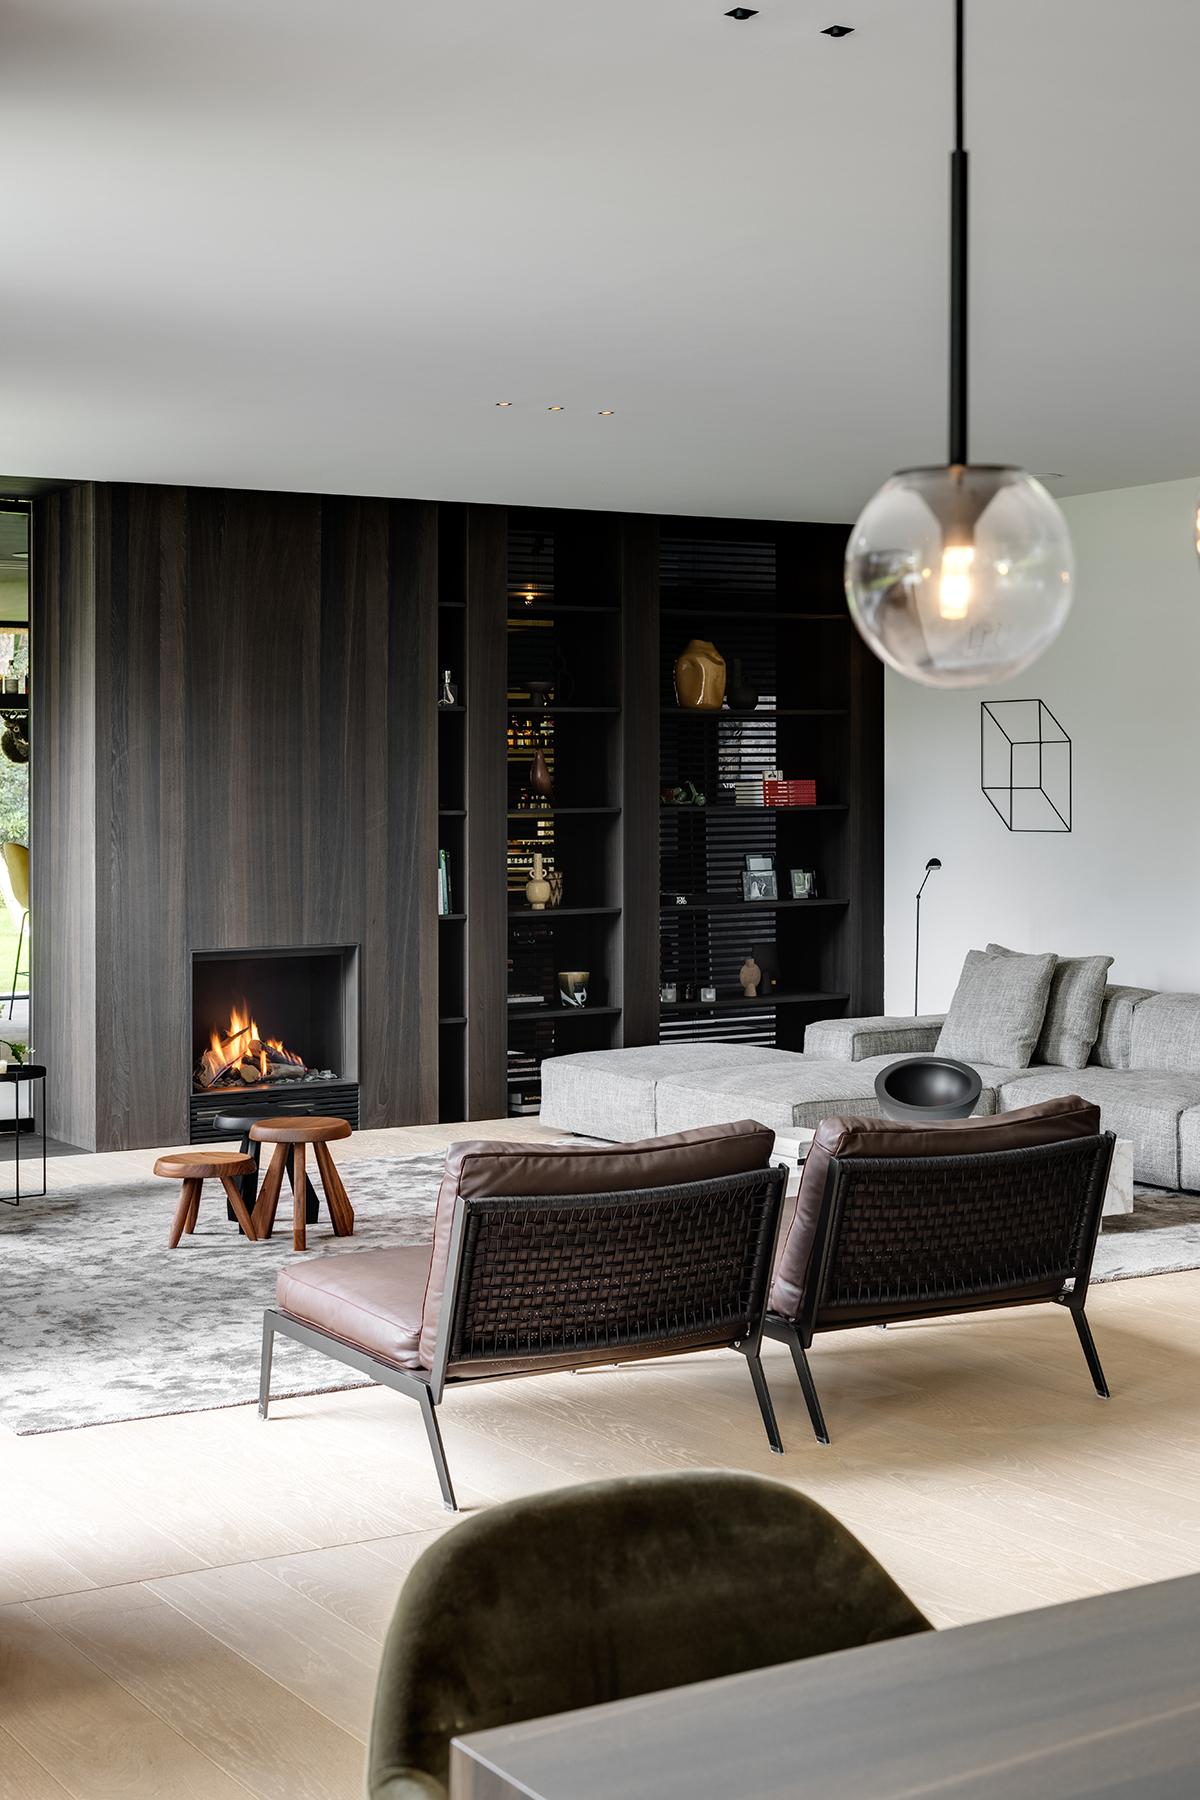 woonkamer, dennebos flooring, the art of living, houten vloer